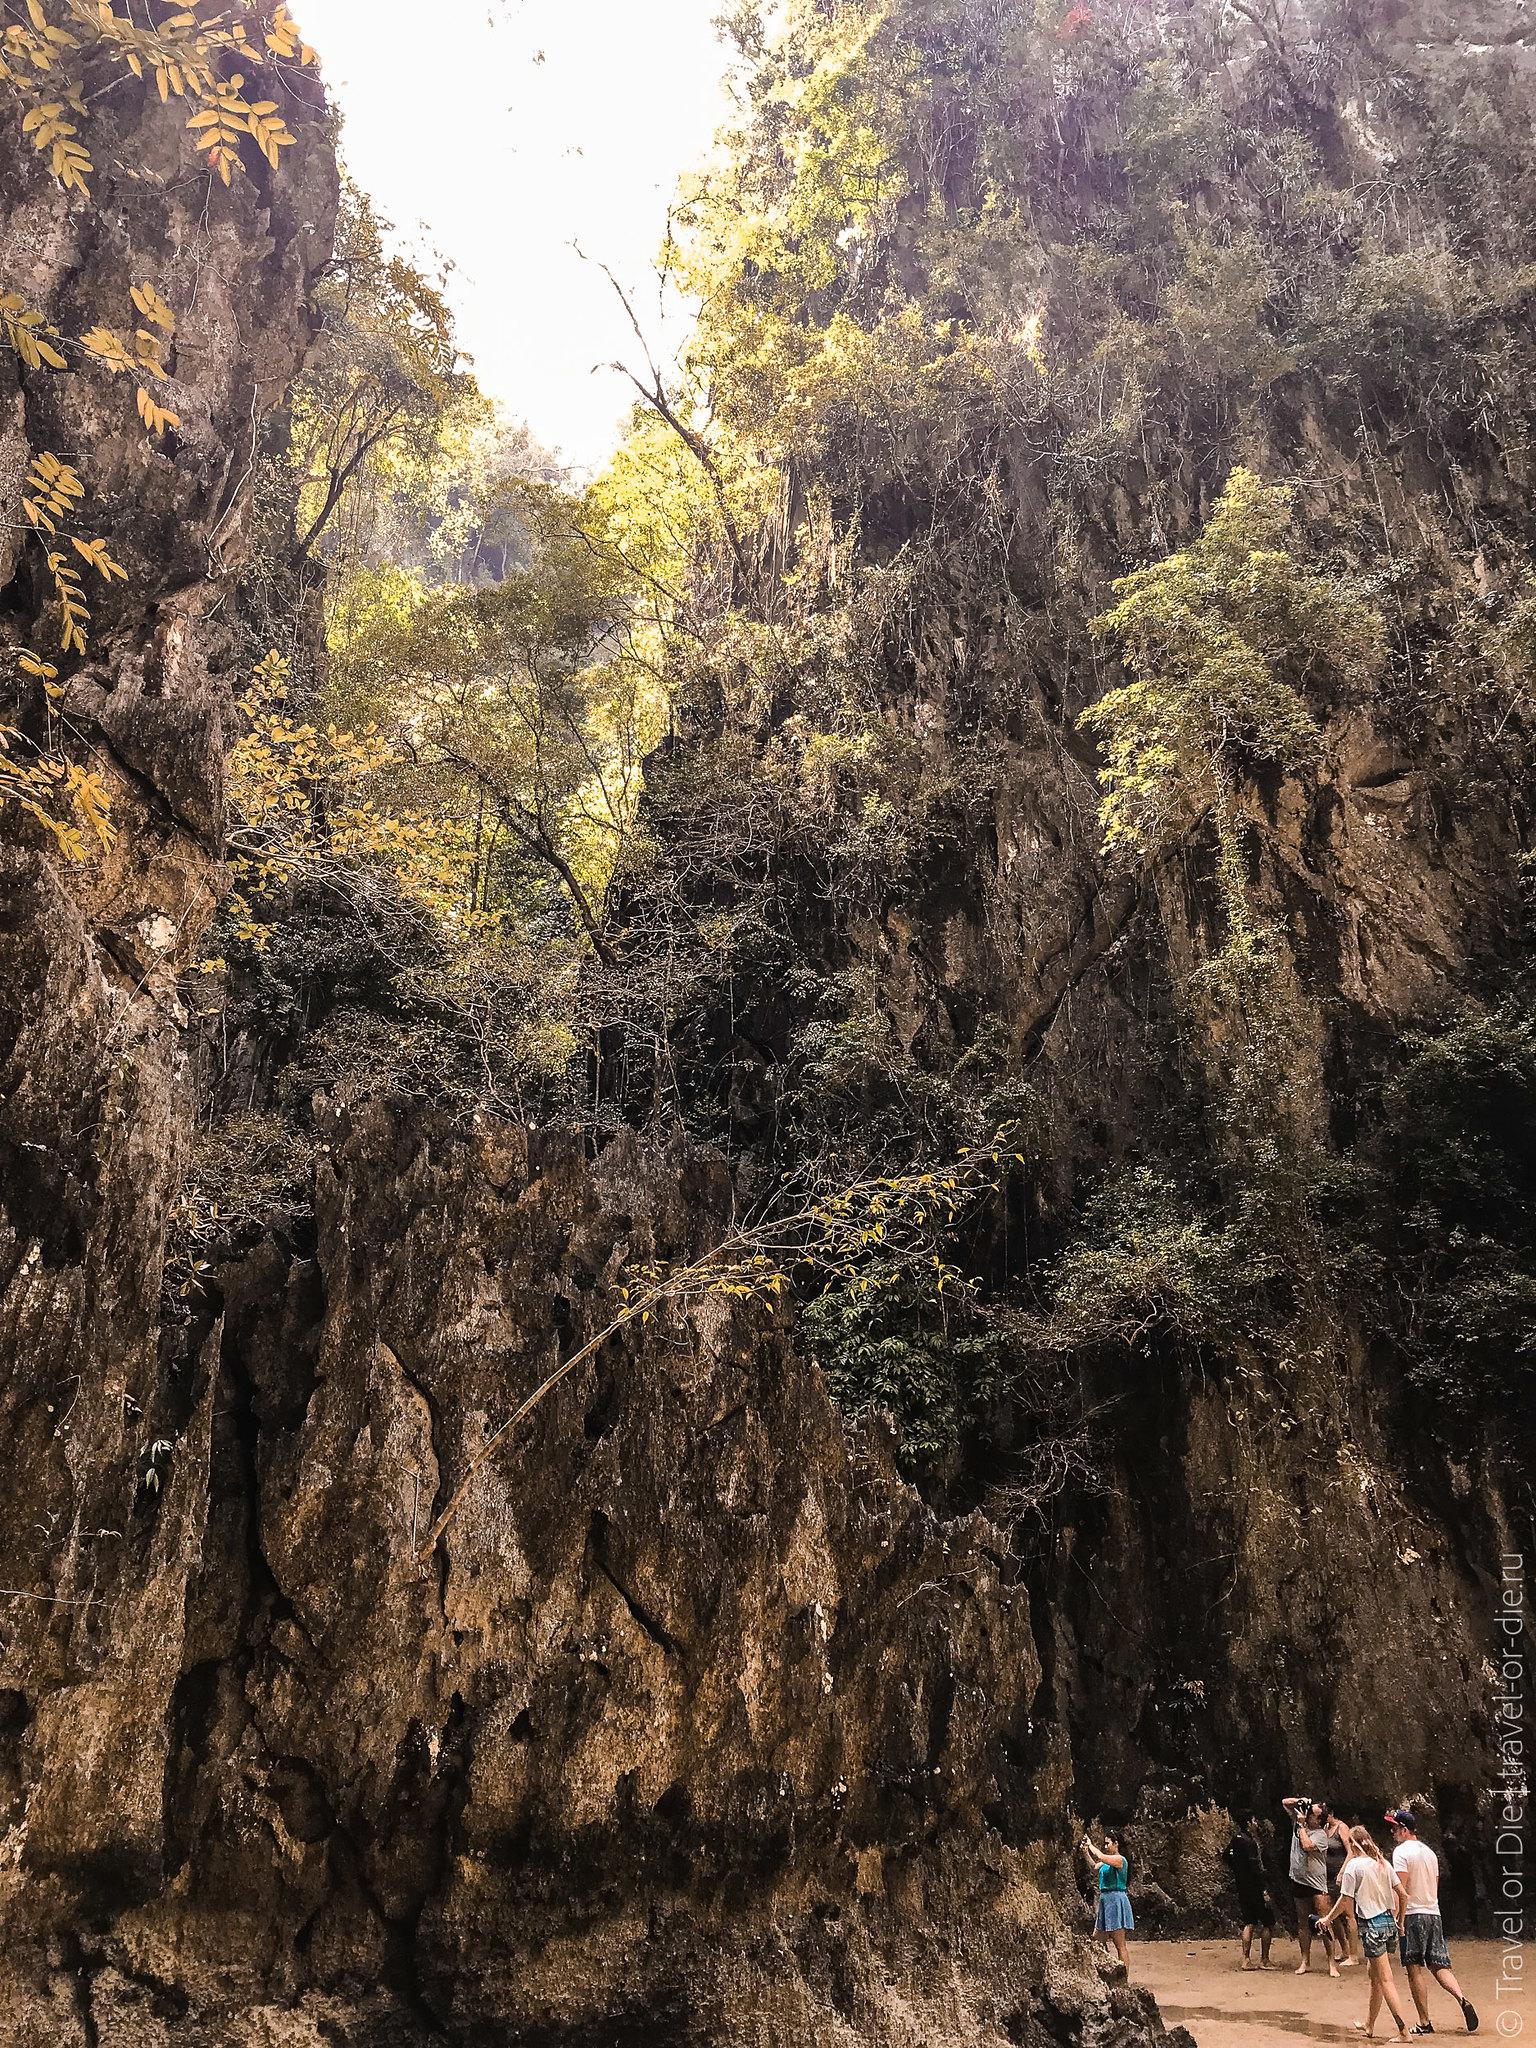 Panak-Island-Остров-Панак-Thailand-8379